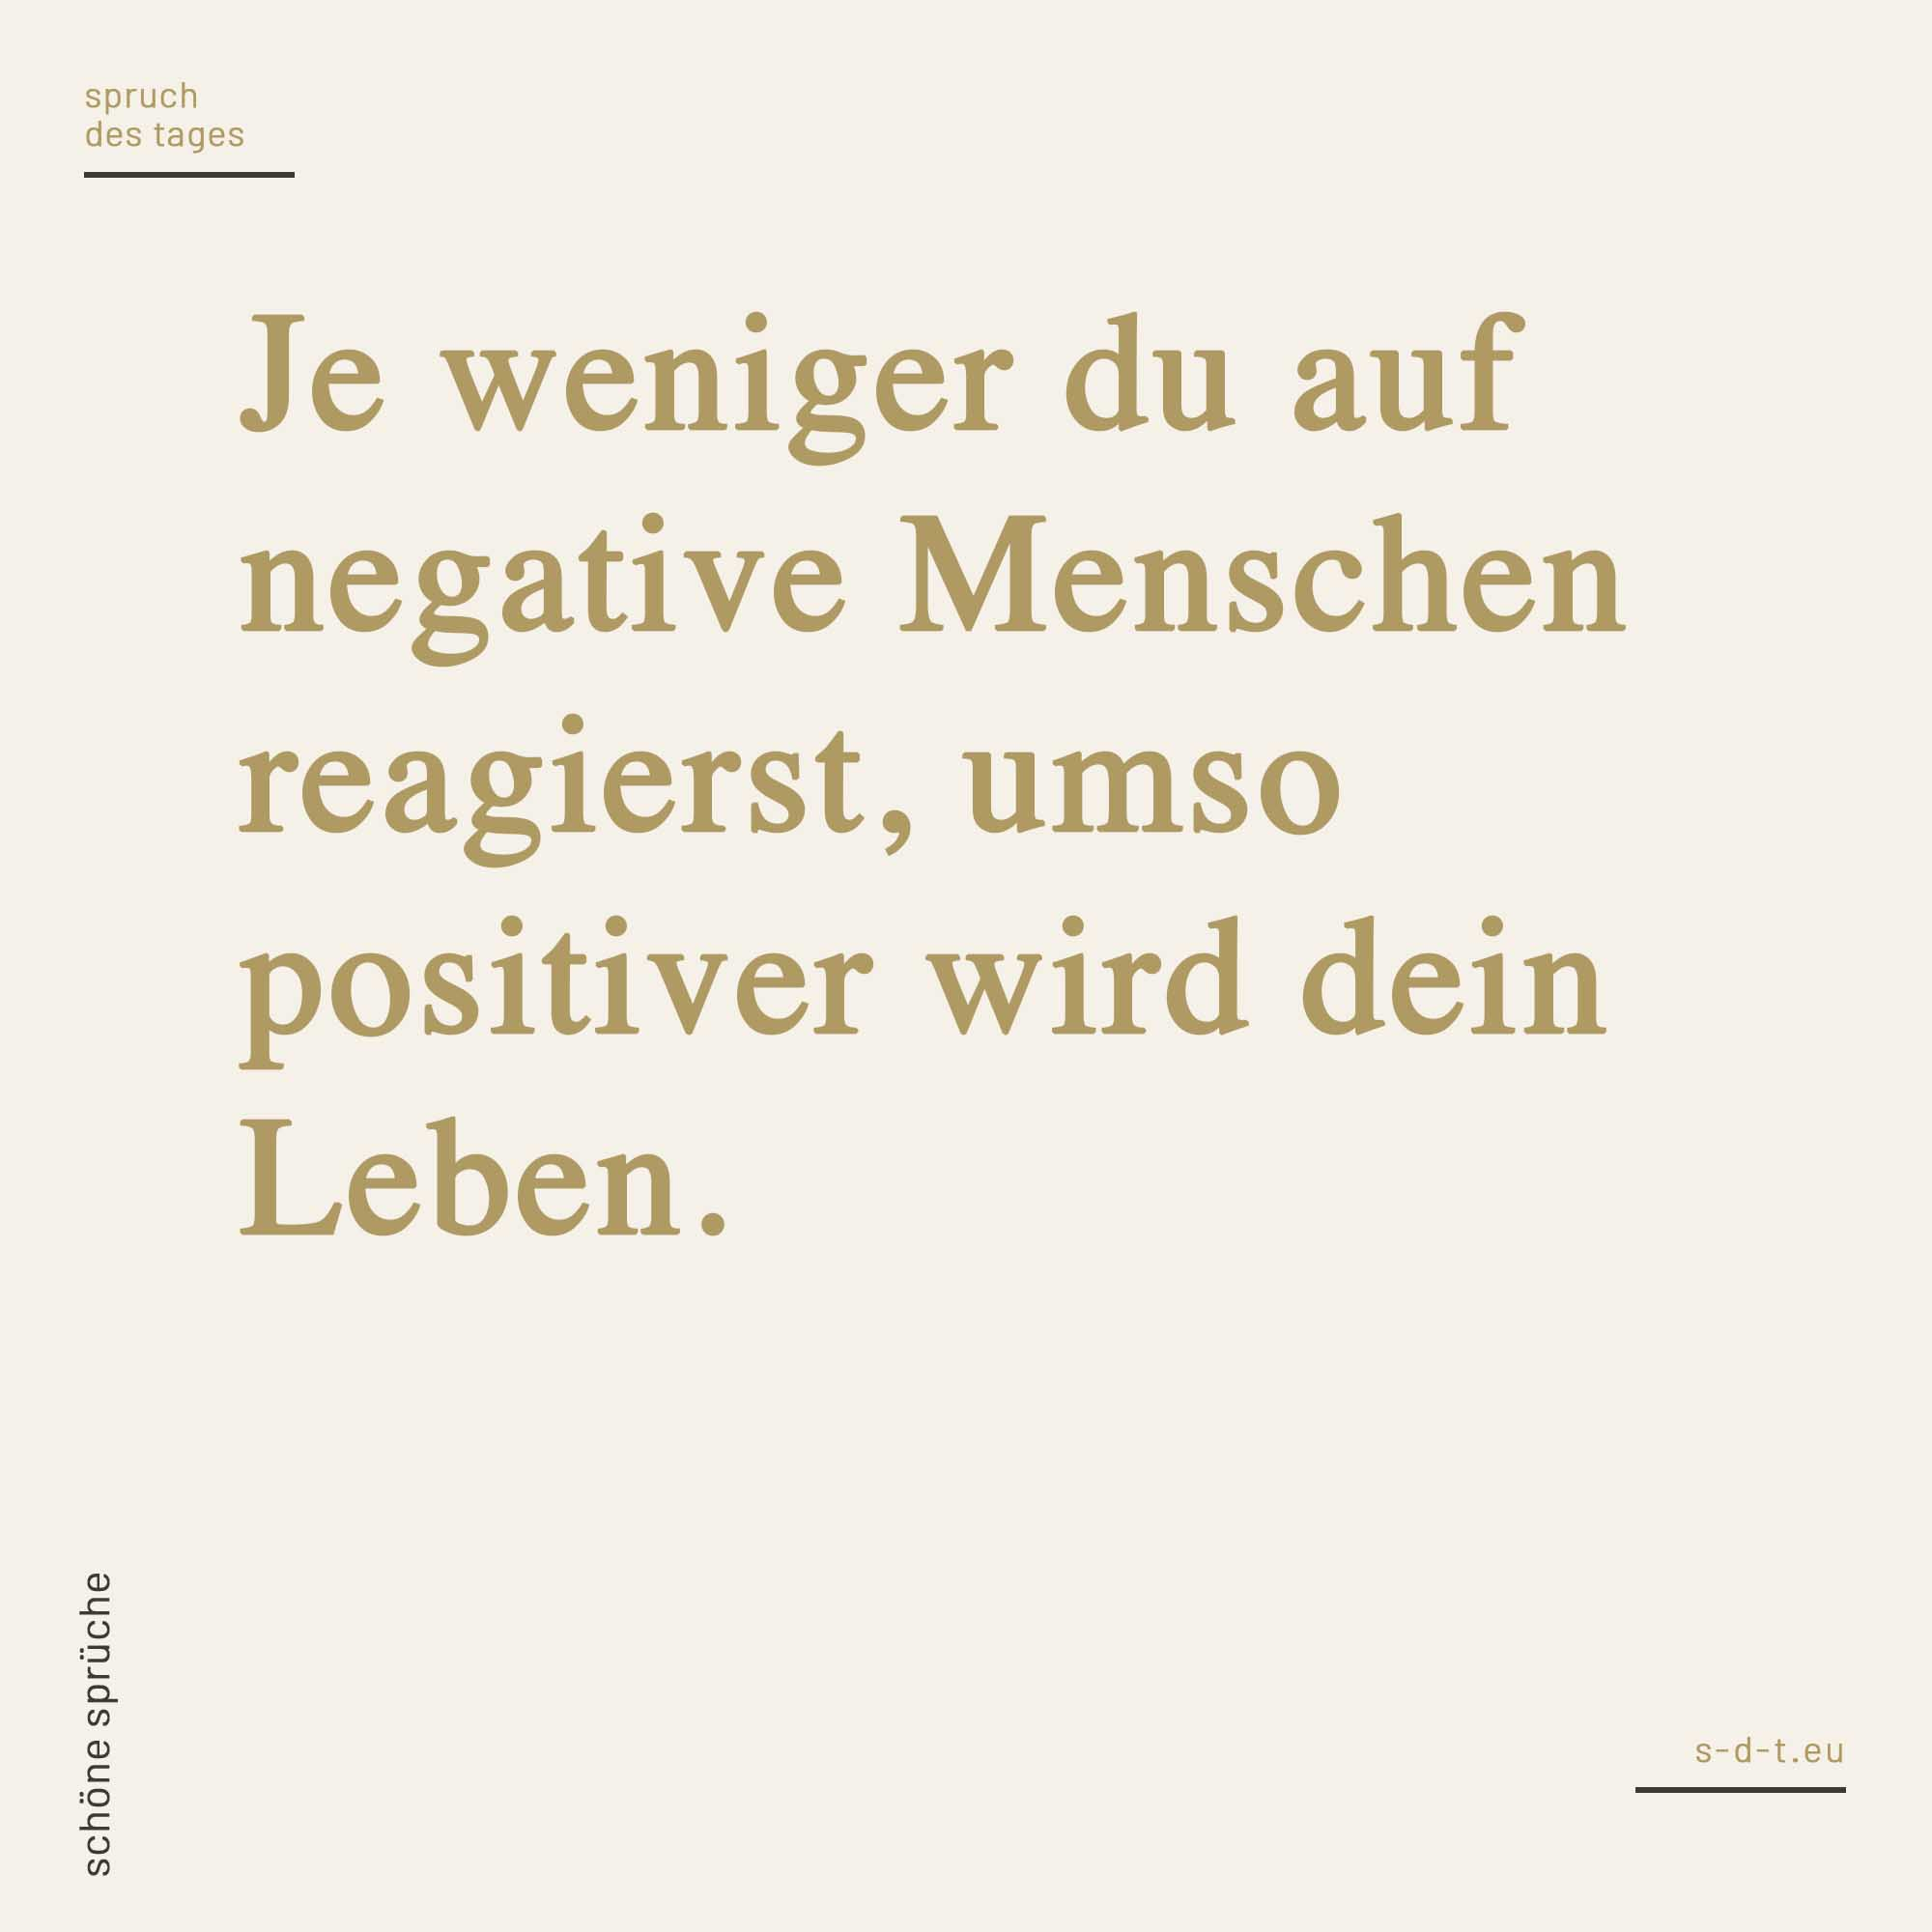 Je weniger du auf negative Menschen reagierst, umso positiver wird dein Leben.